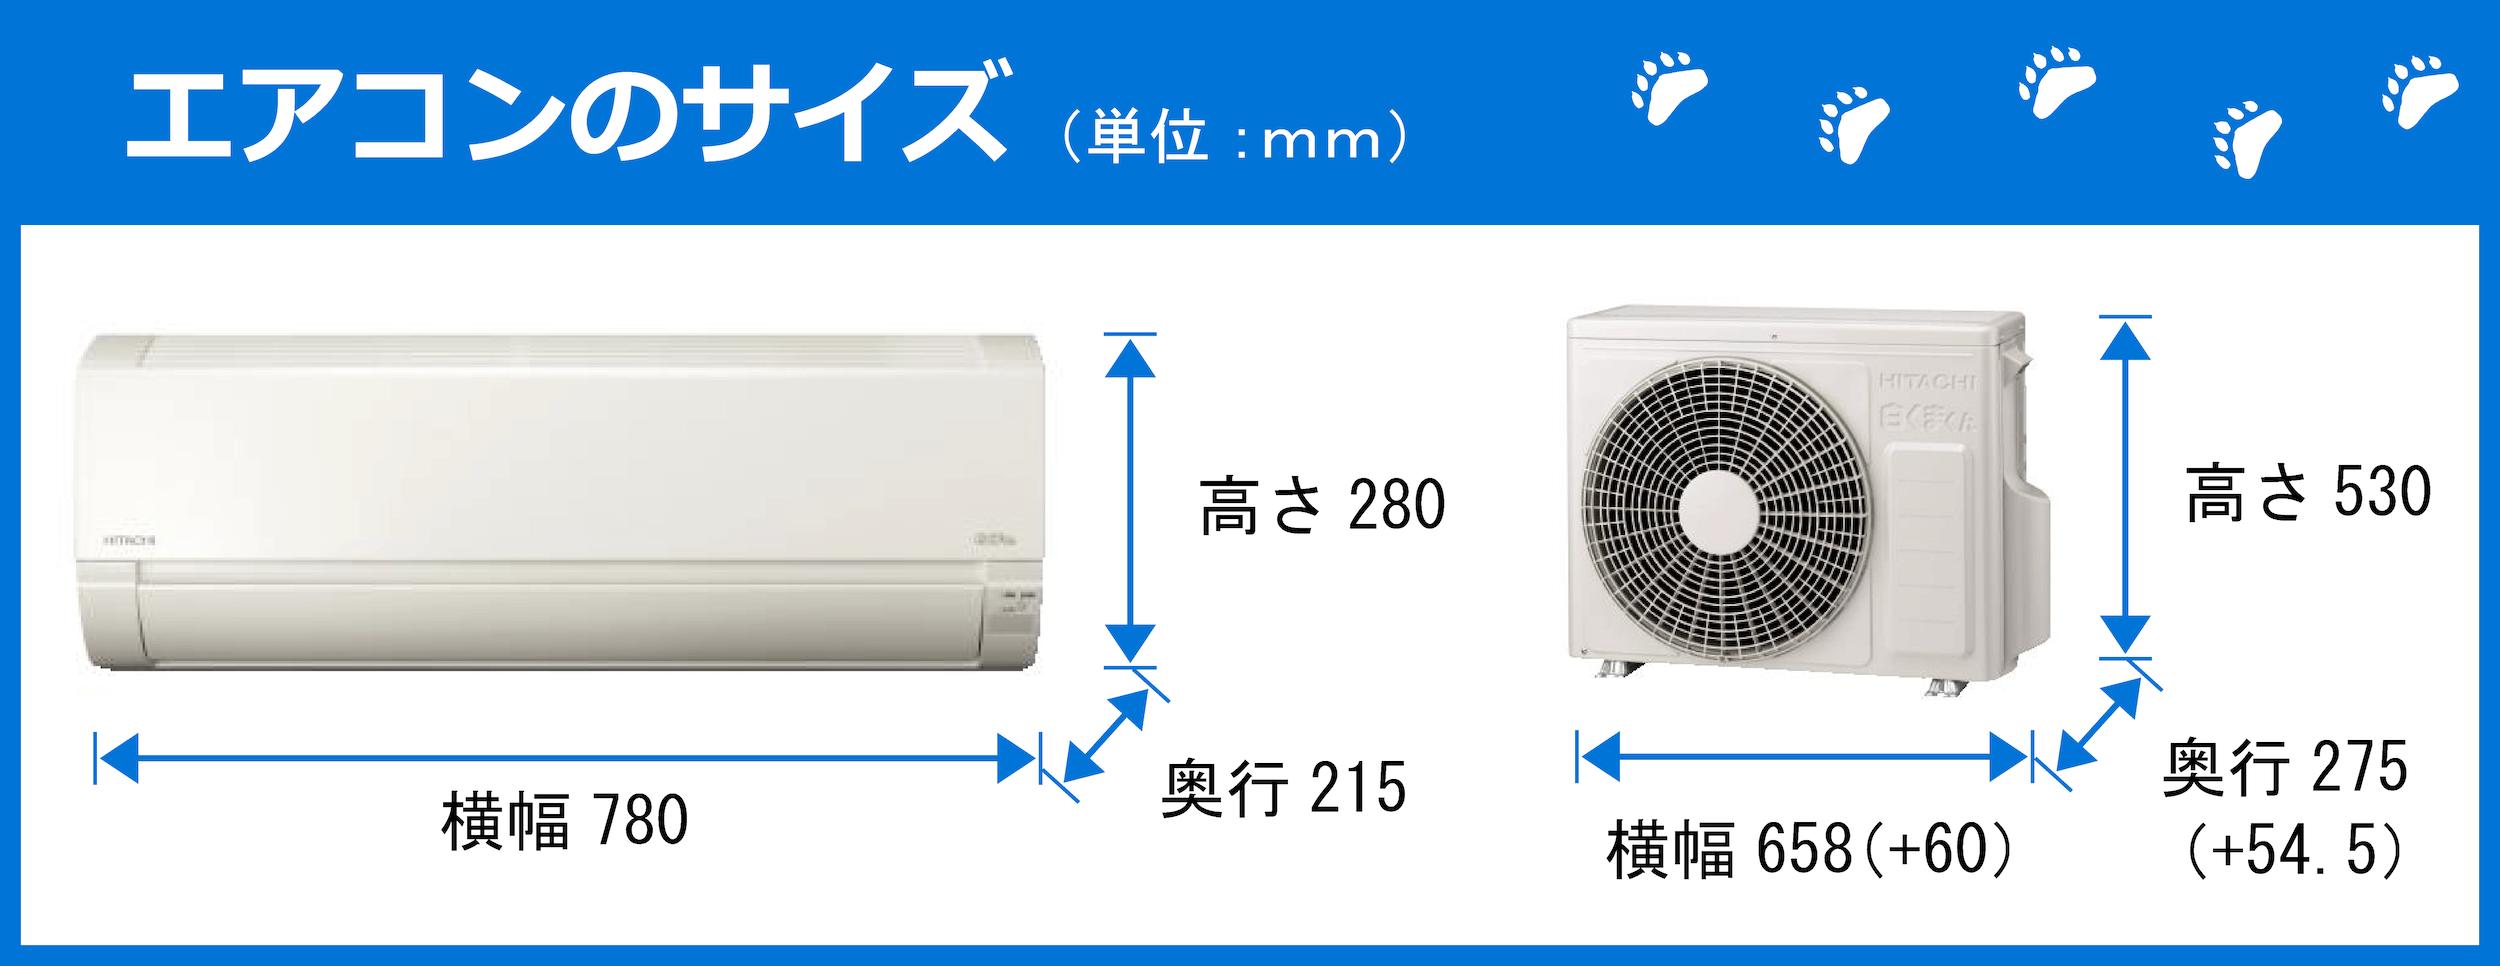 エアコンのサイズ